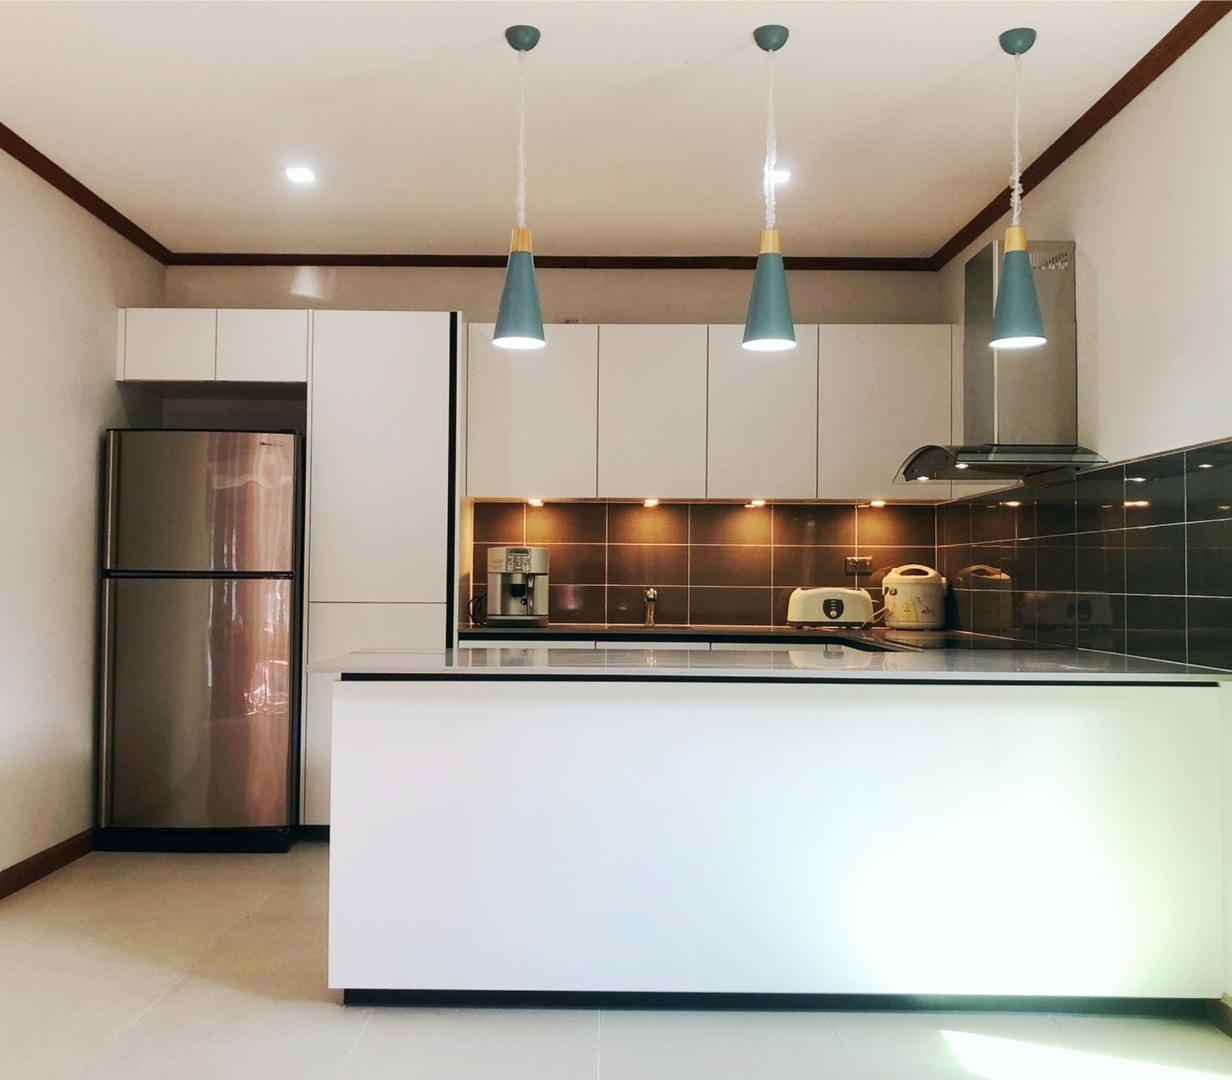 Tinta kitchen 2-1.jpg